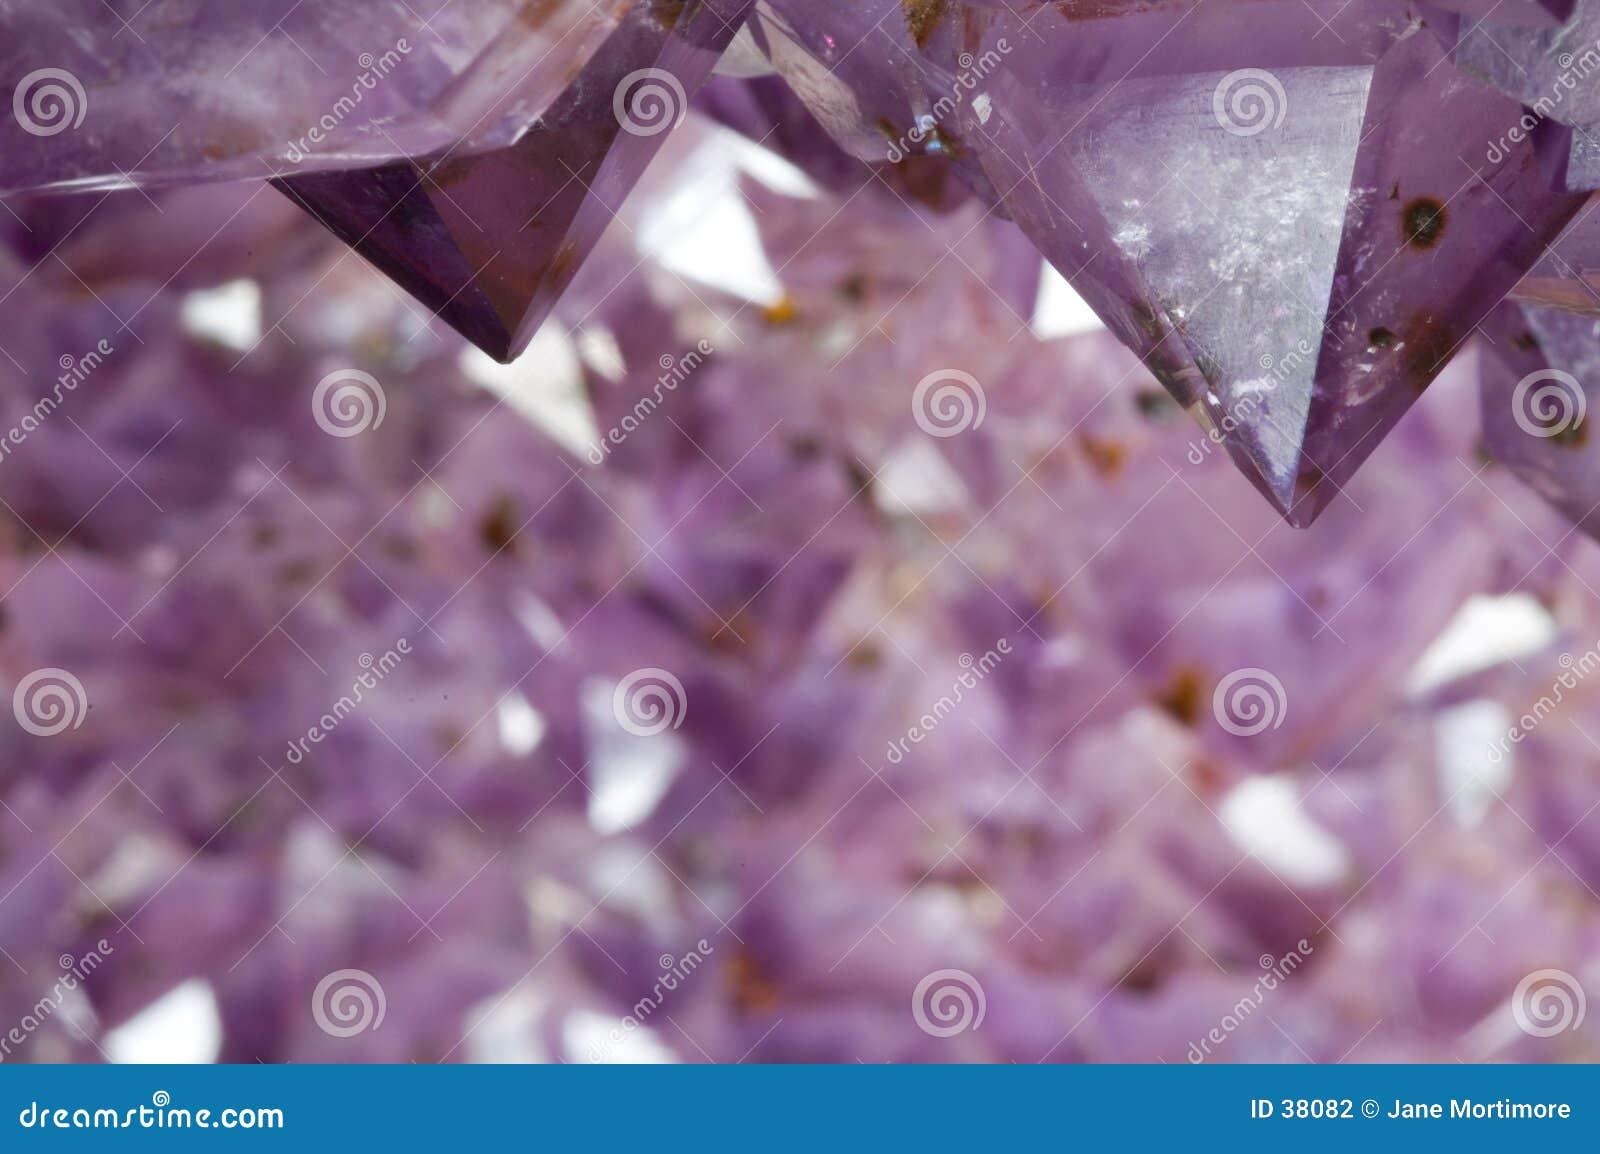 Binnen een Violetkleurige Geode 2